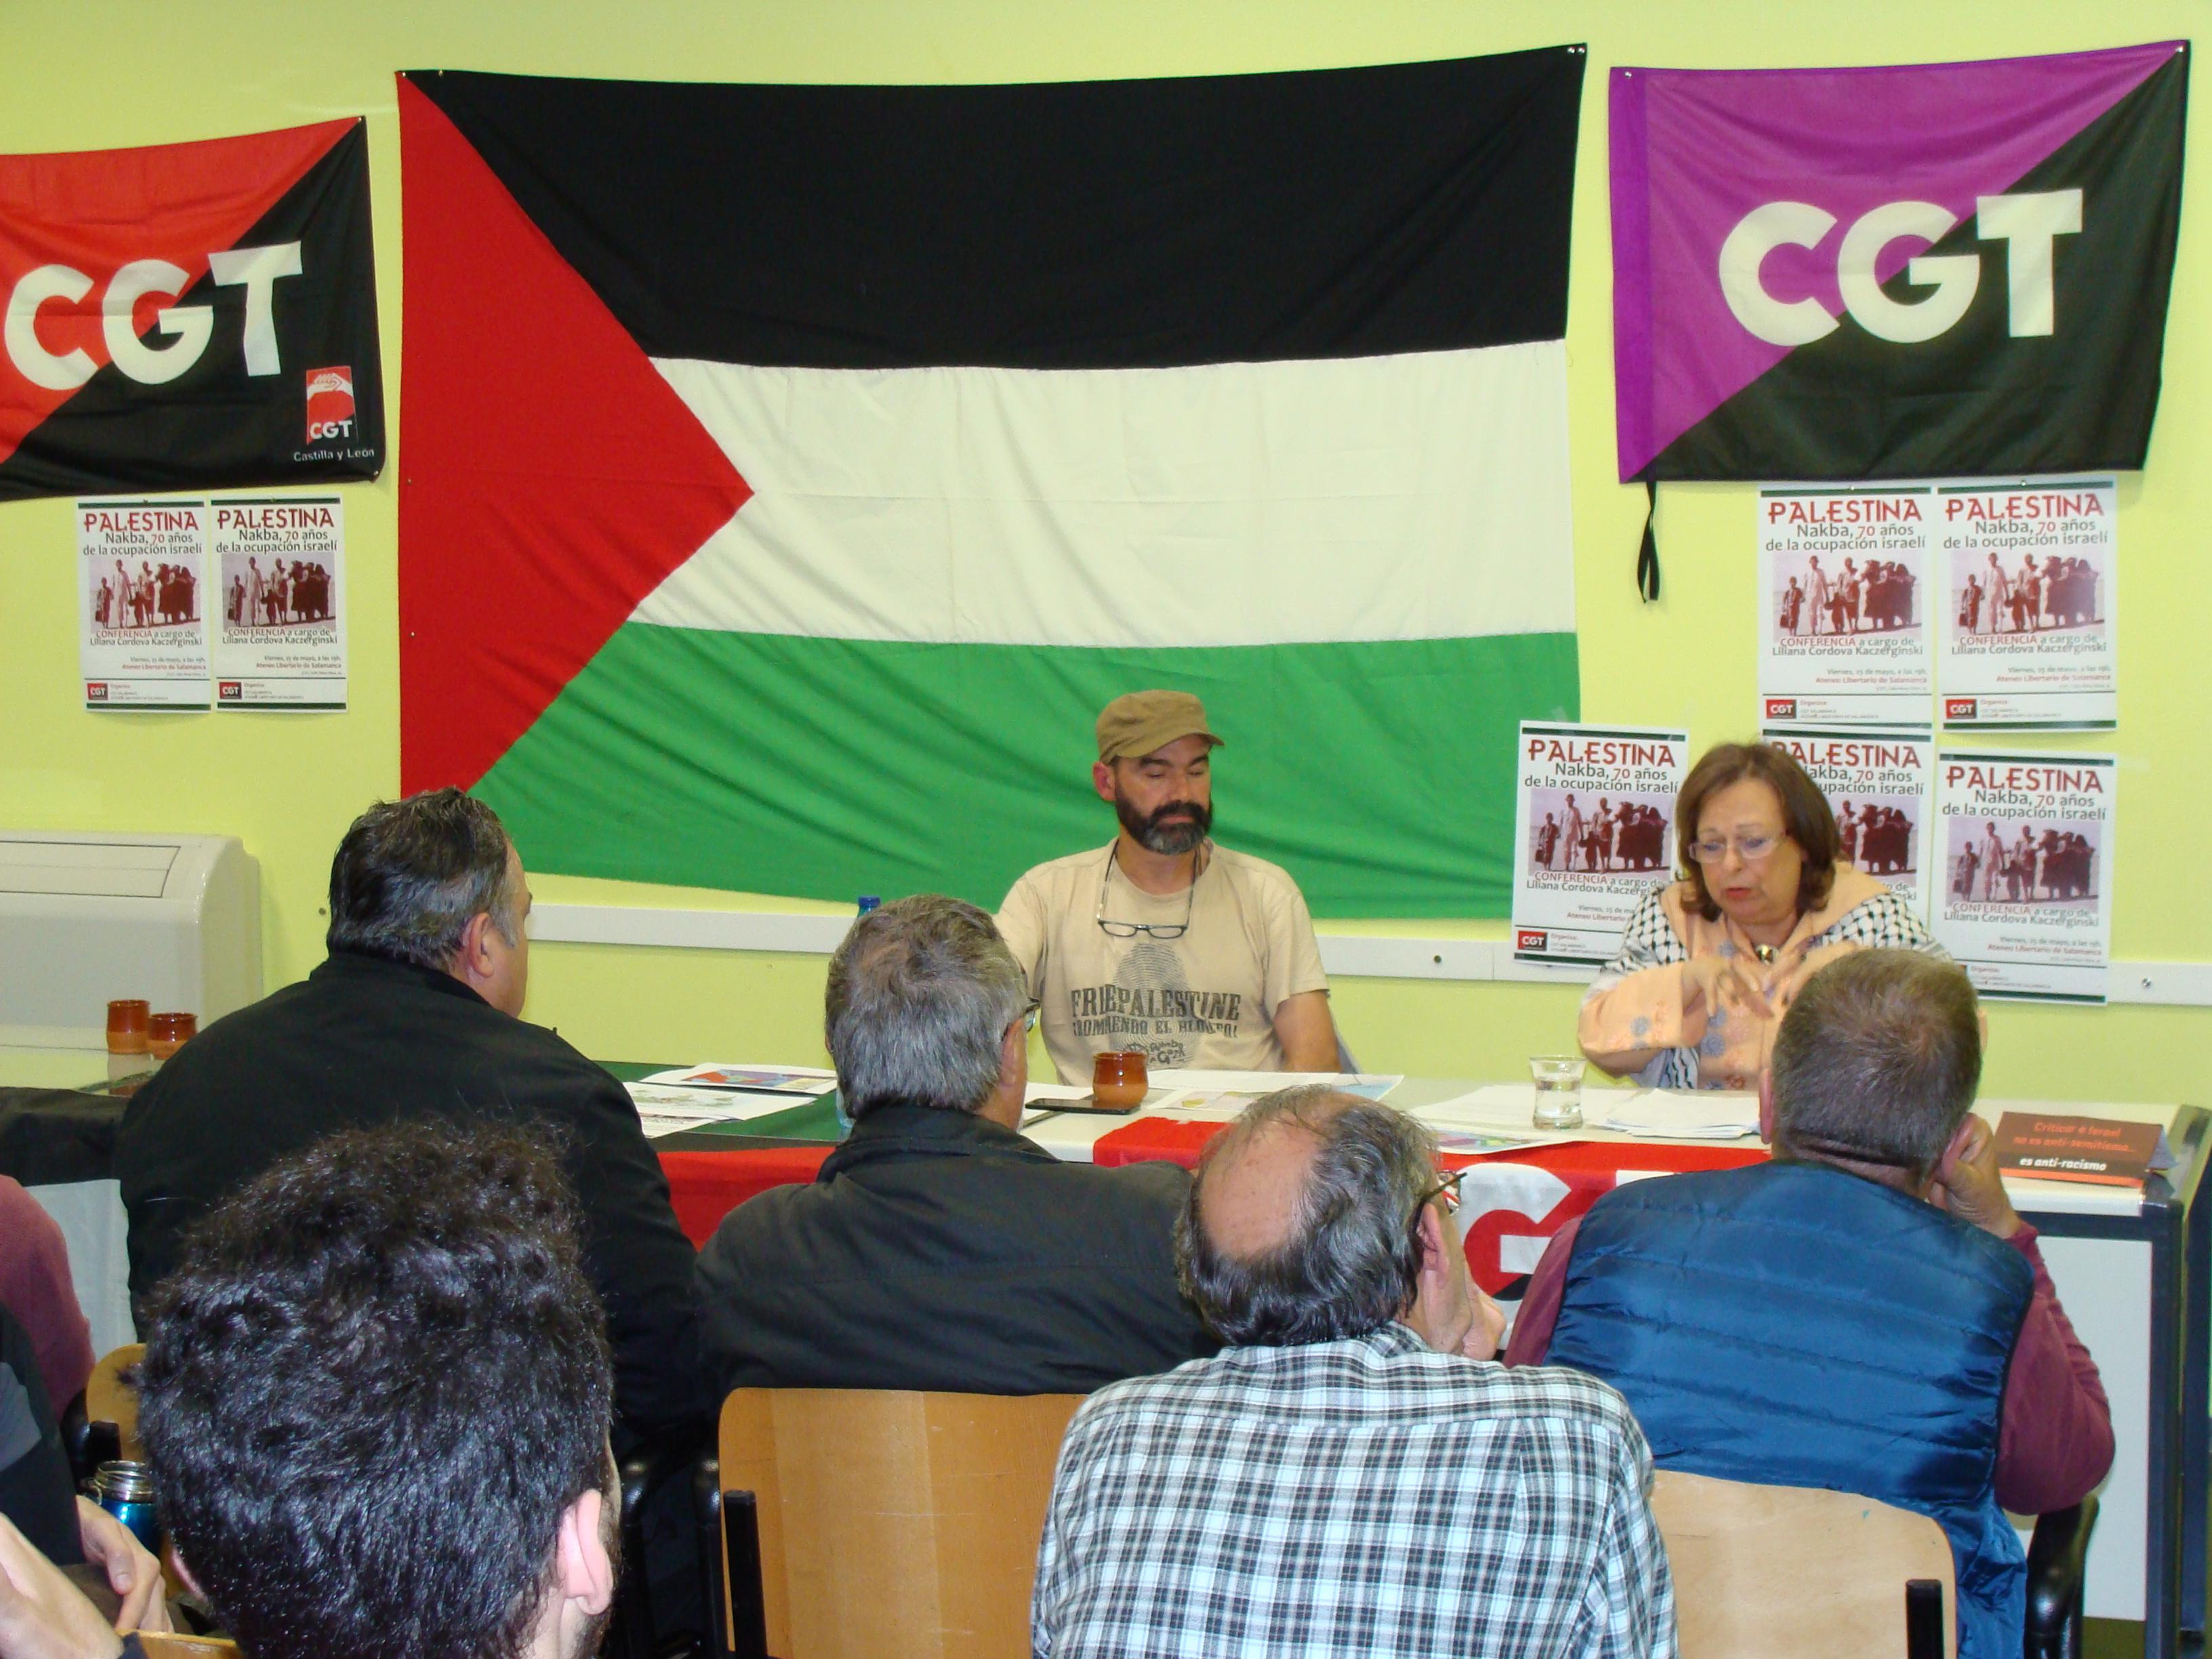 [Fotos] Conferencia sobre Palestina en CGT-Salamanca